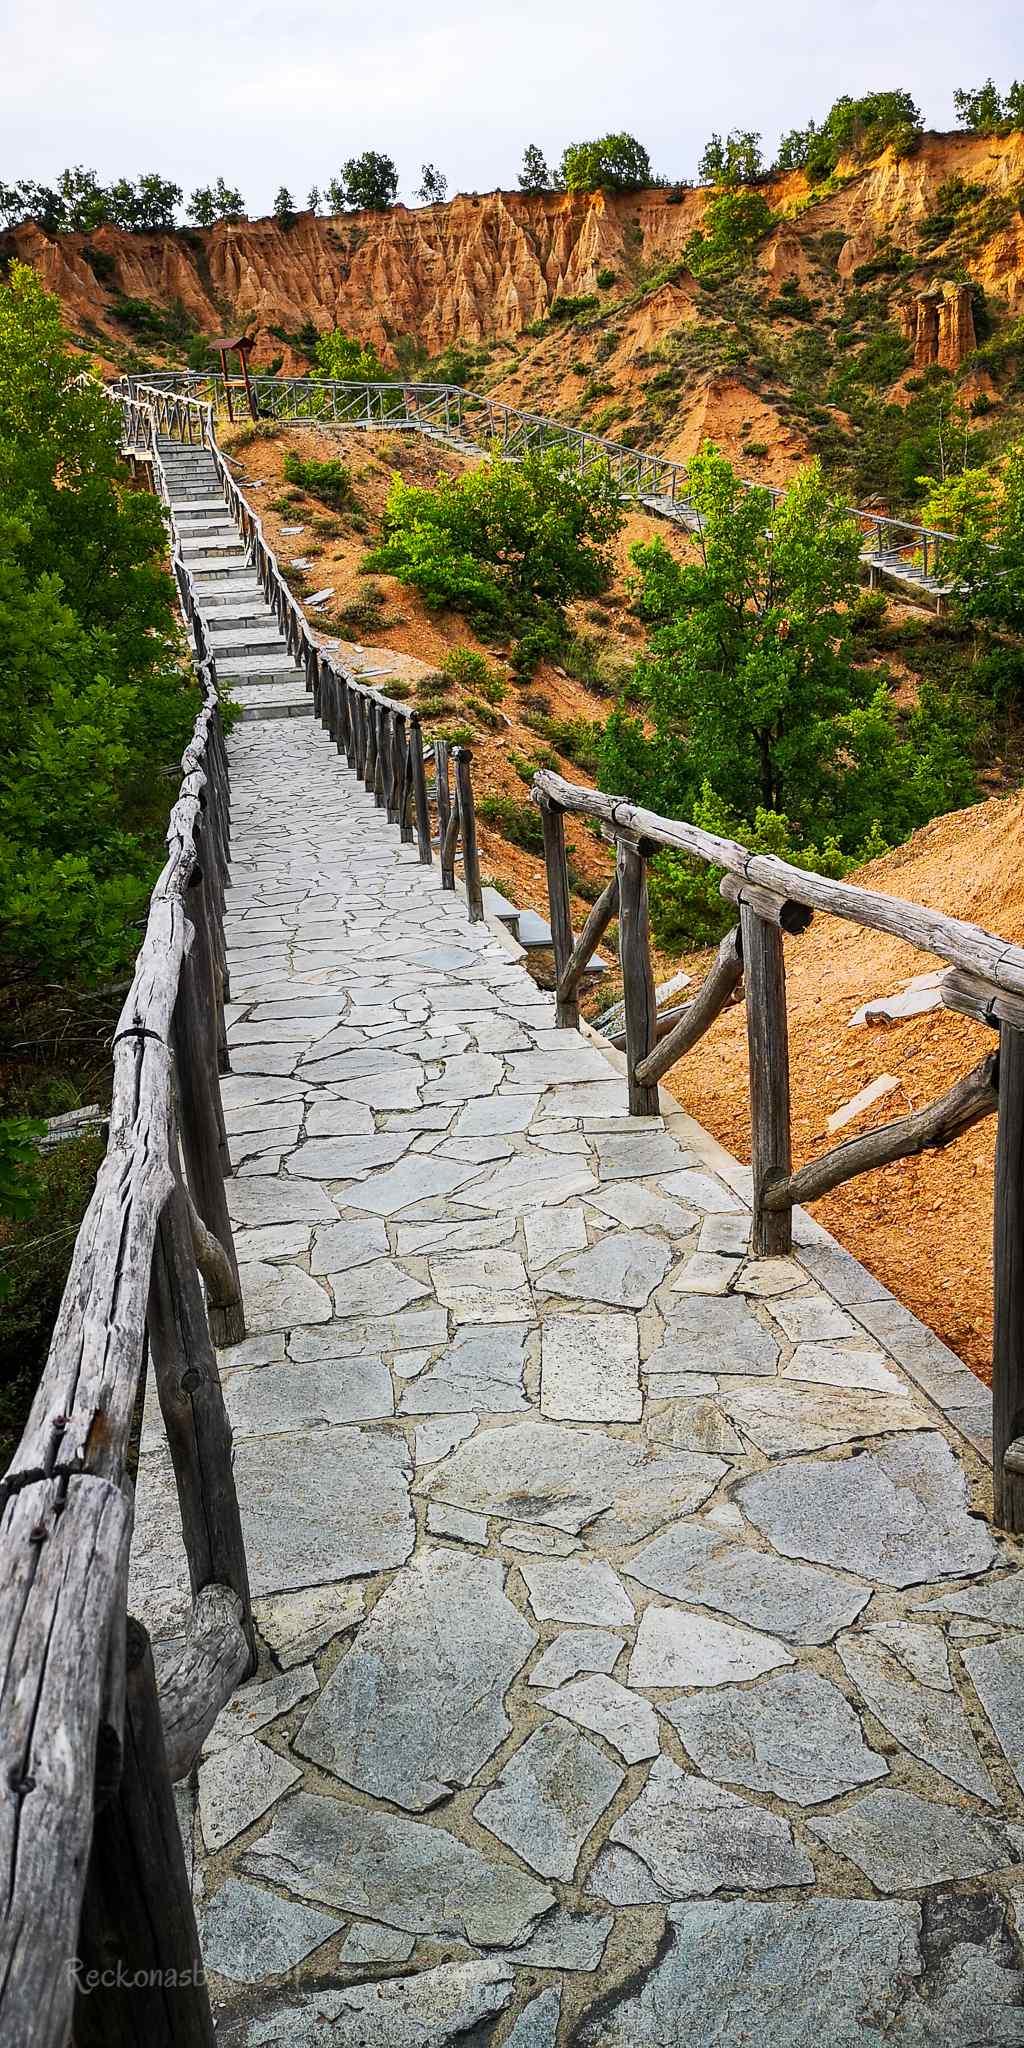 Neznalost geologického významu udržela místo Mpouchária mimo zájem veřejnosti až do roku 2004, kdy Řecko obletěly první obrázky této neuvěřitelné krajiny v televizní stanici (West Channel).